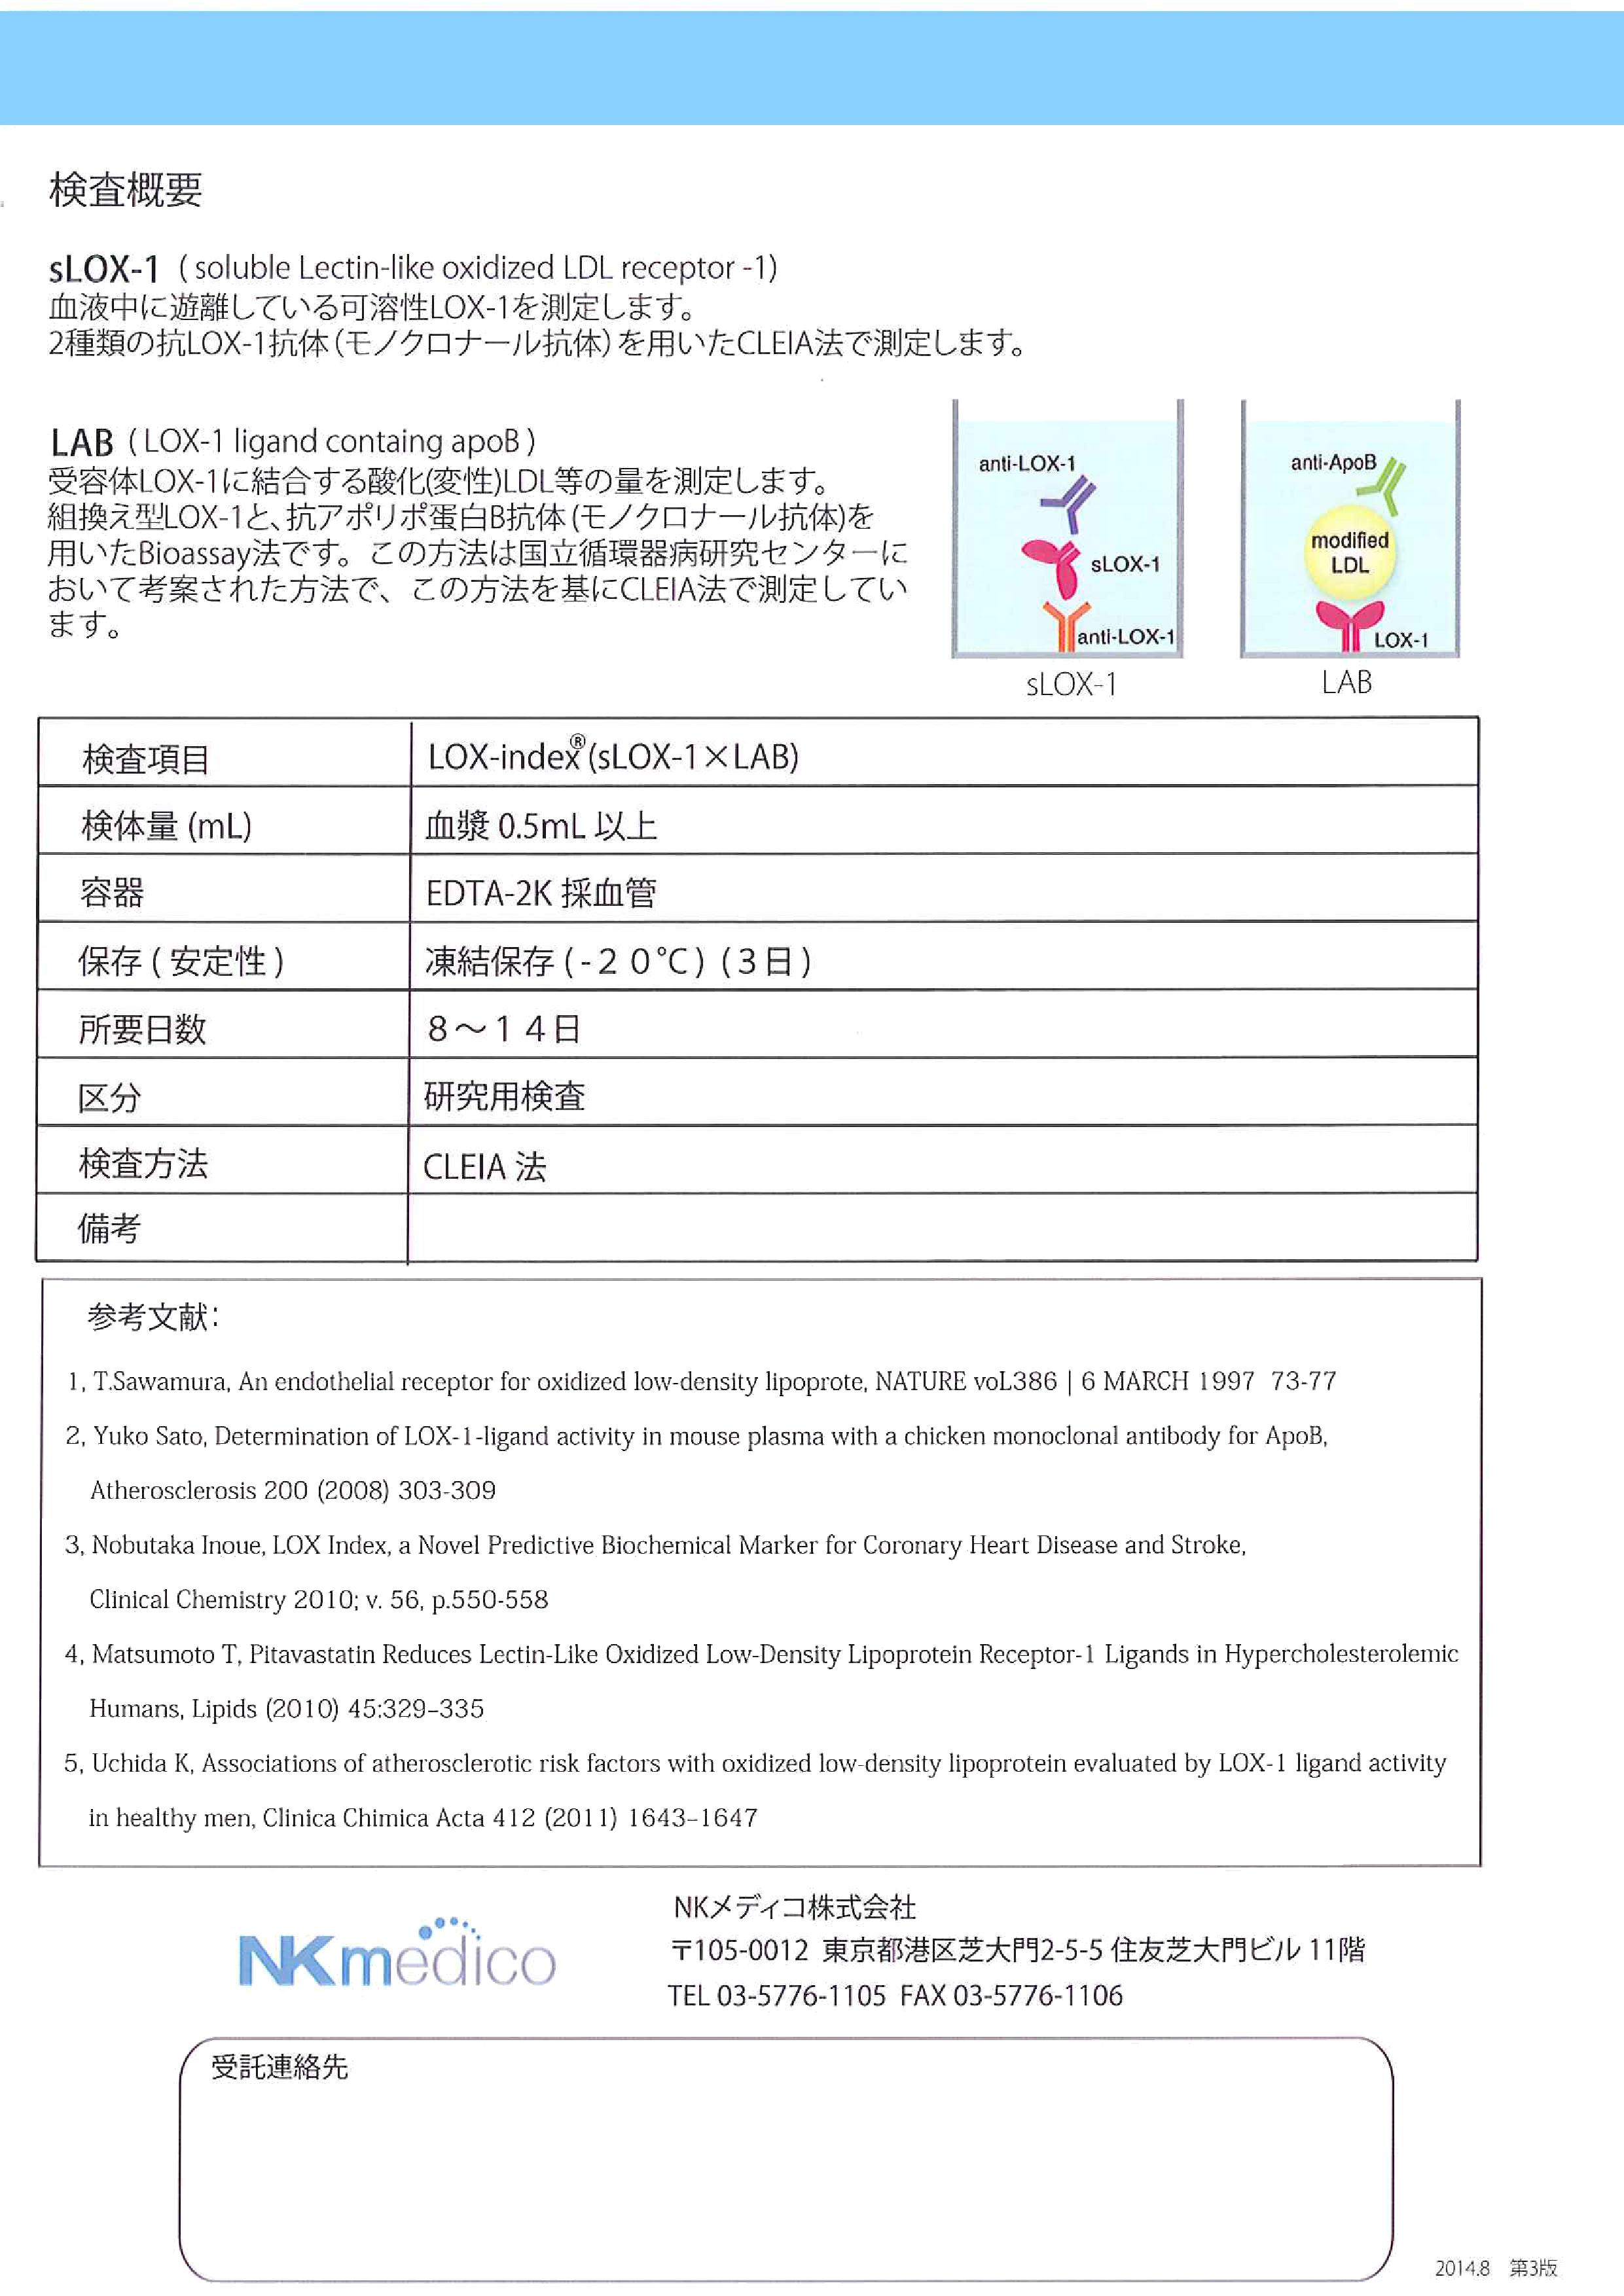 疾病予防のための予測検査 LOX,index